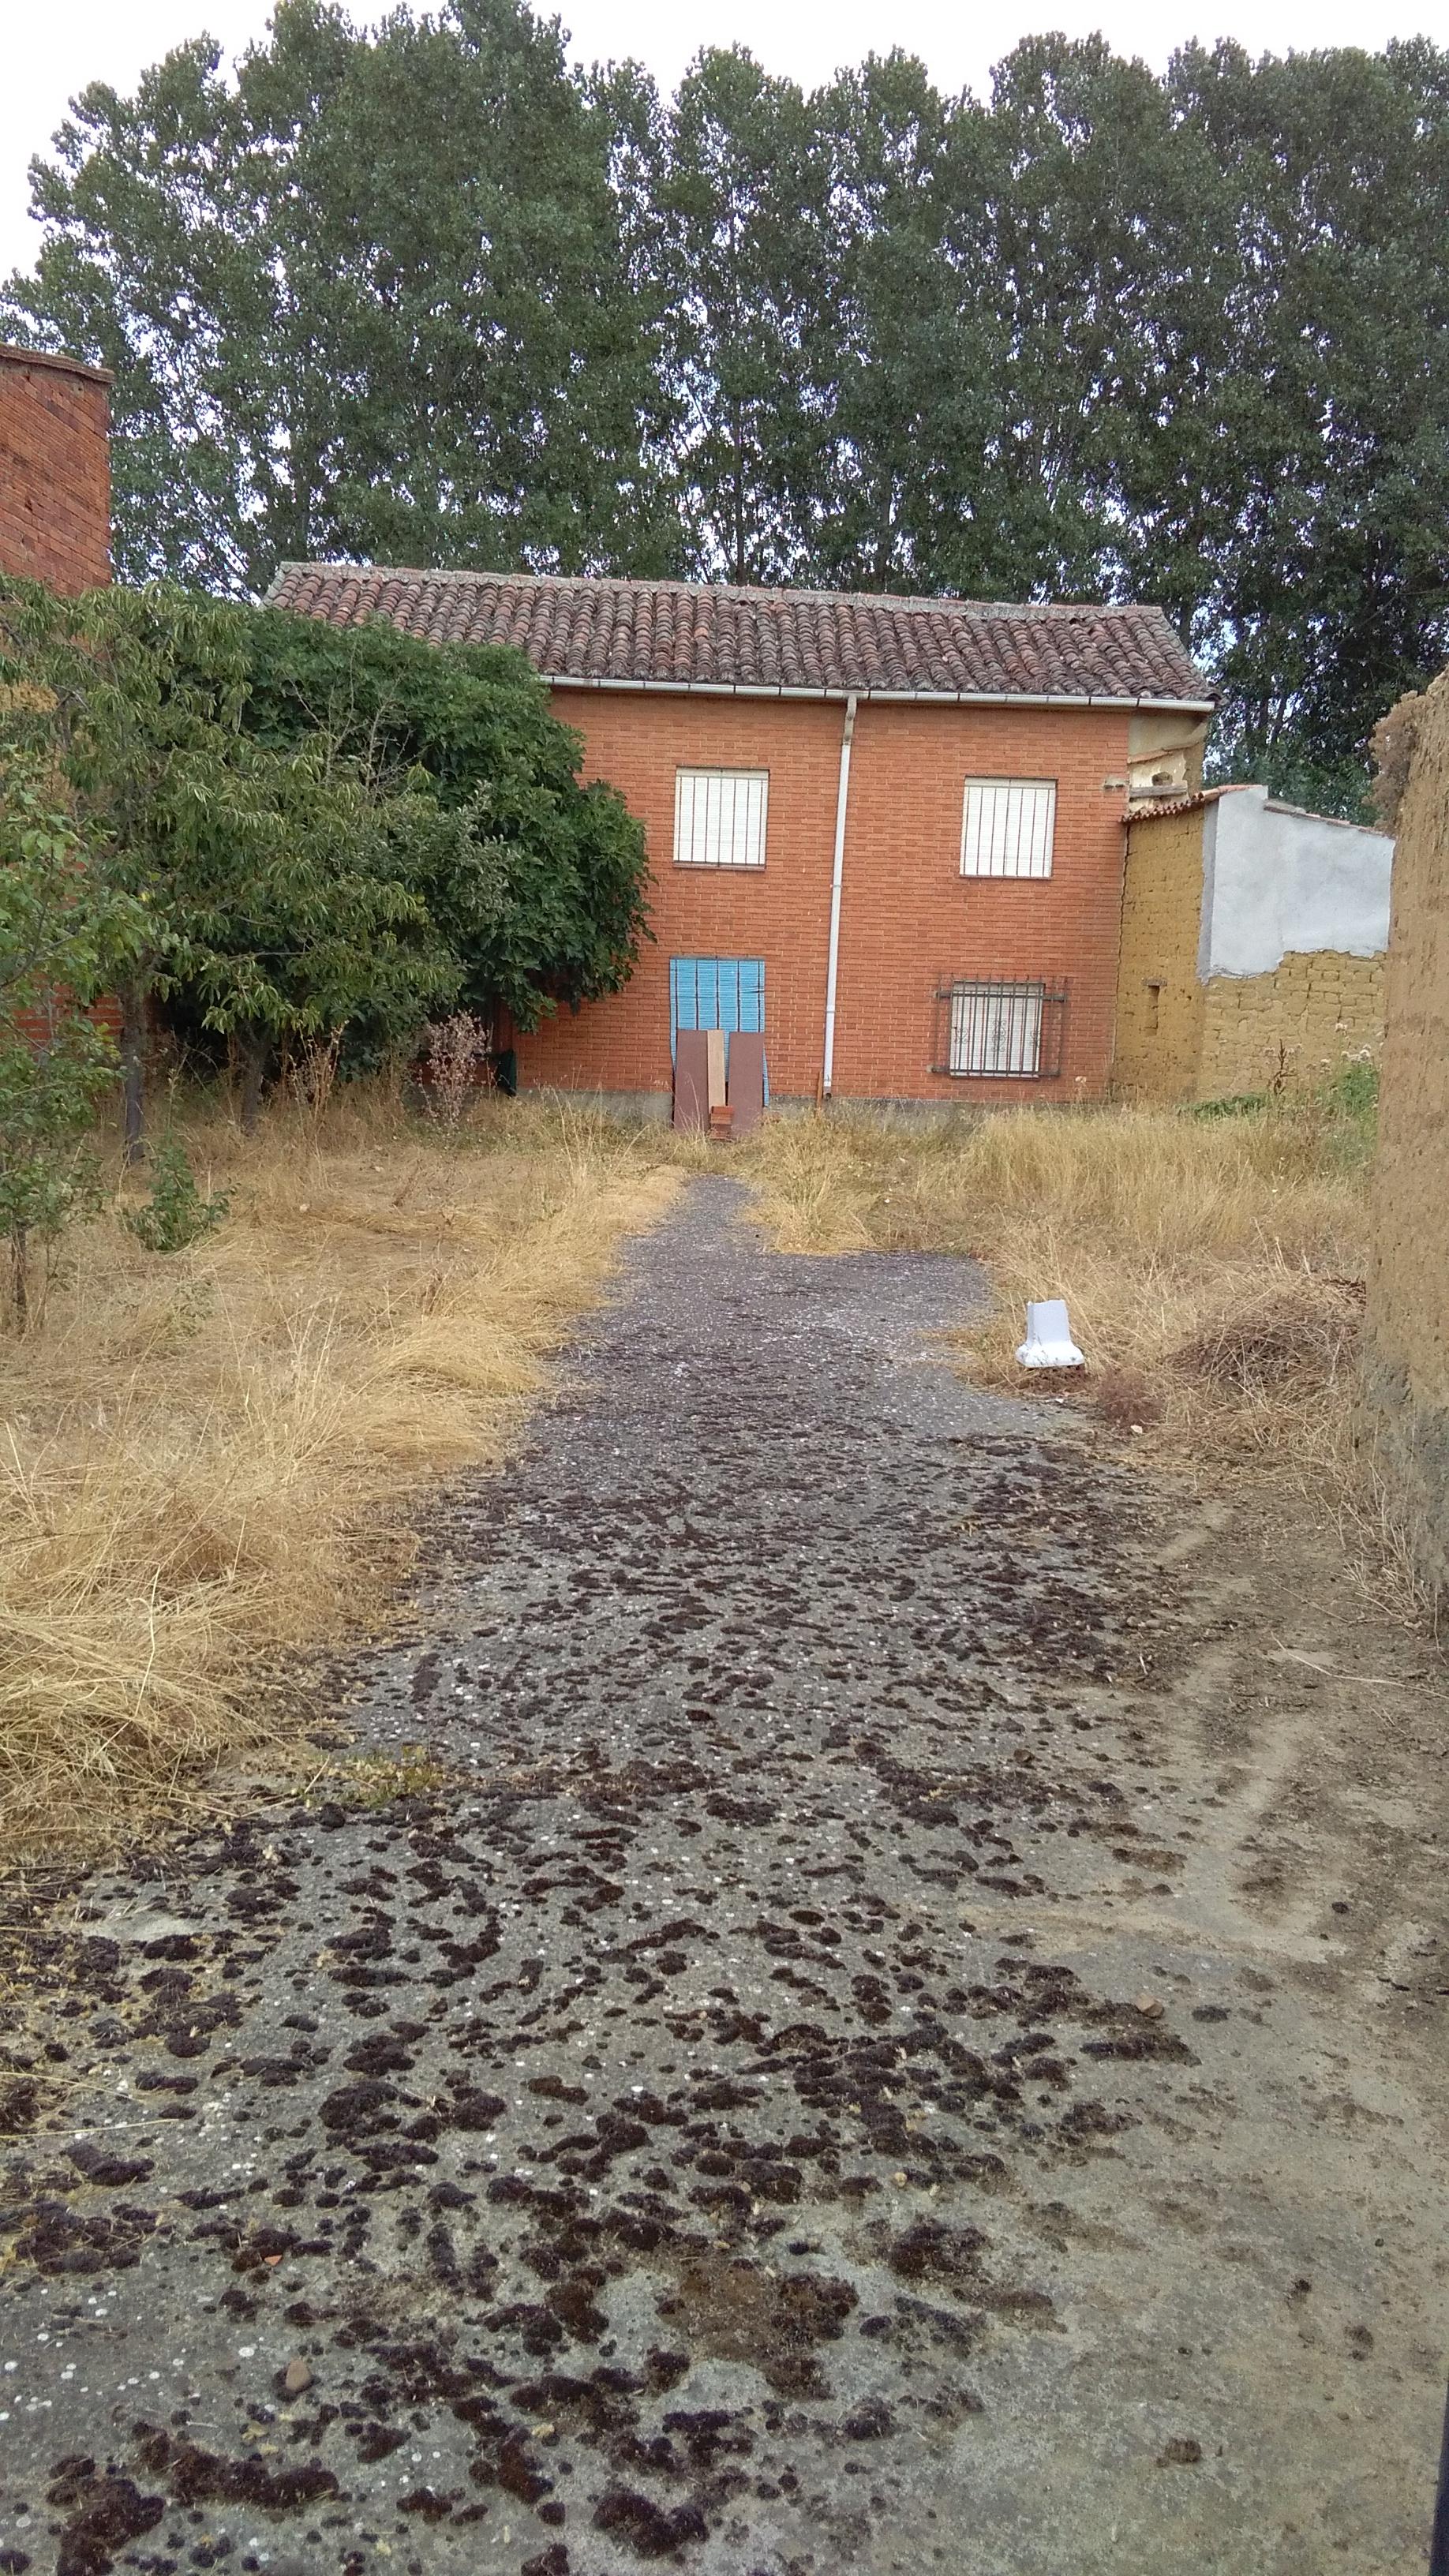 Venta de Casa con mucho patio a 3 kilómetros de Saldaña